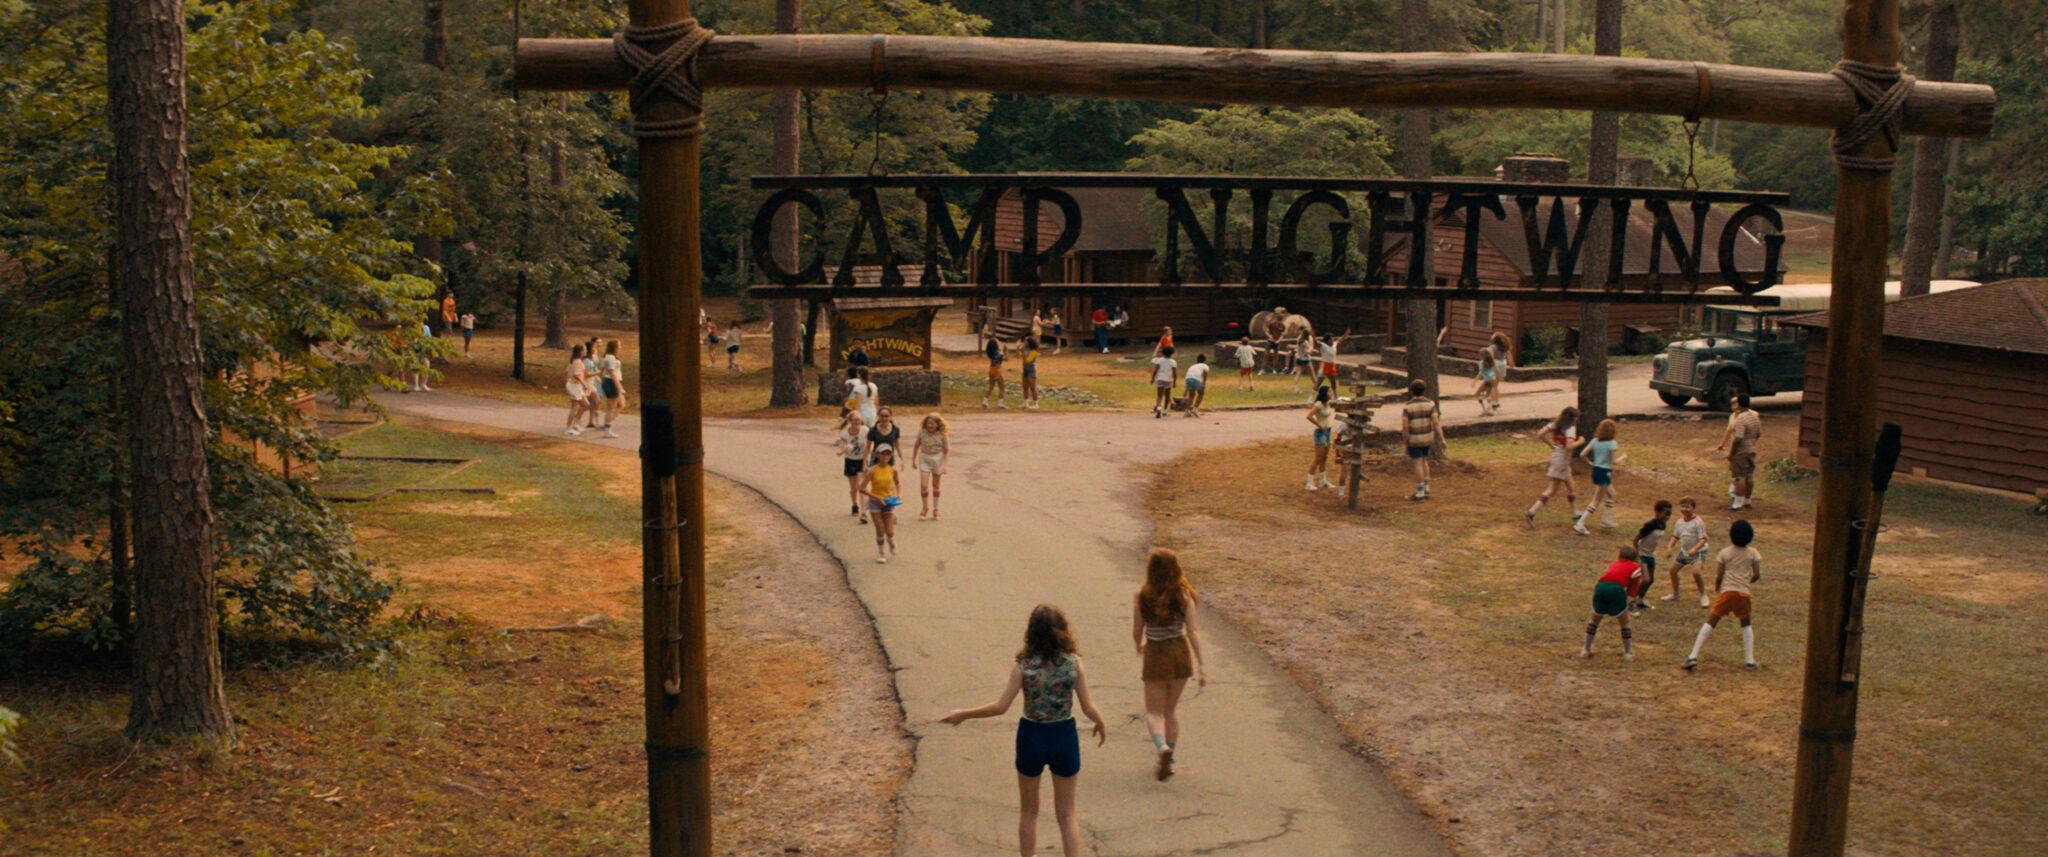 Ein Campingplatz mit dem Namen Camp Nightwing auf dem zahlreiche Jugendliche spielen. Man sieht einen breiten Weg auf dem von rechts ein Bus kommt und drei Blockhütten.